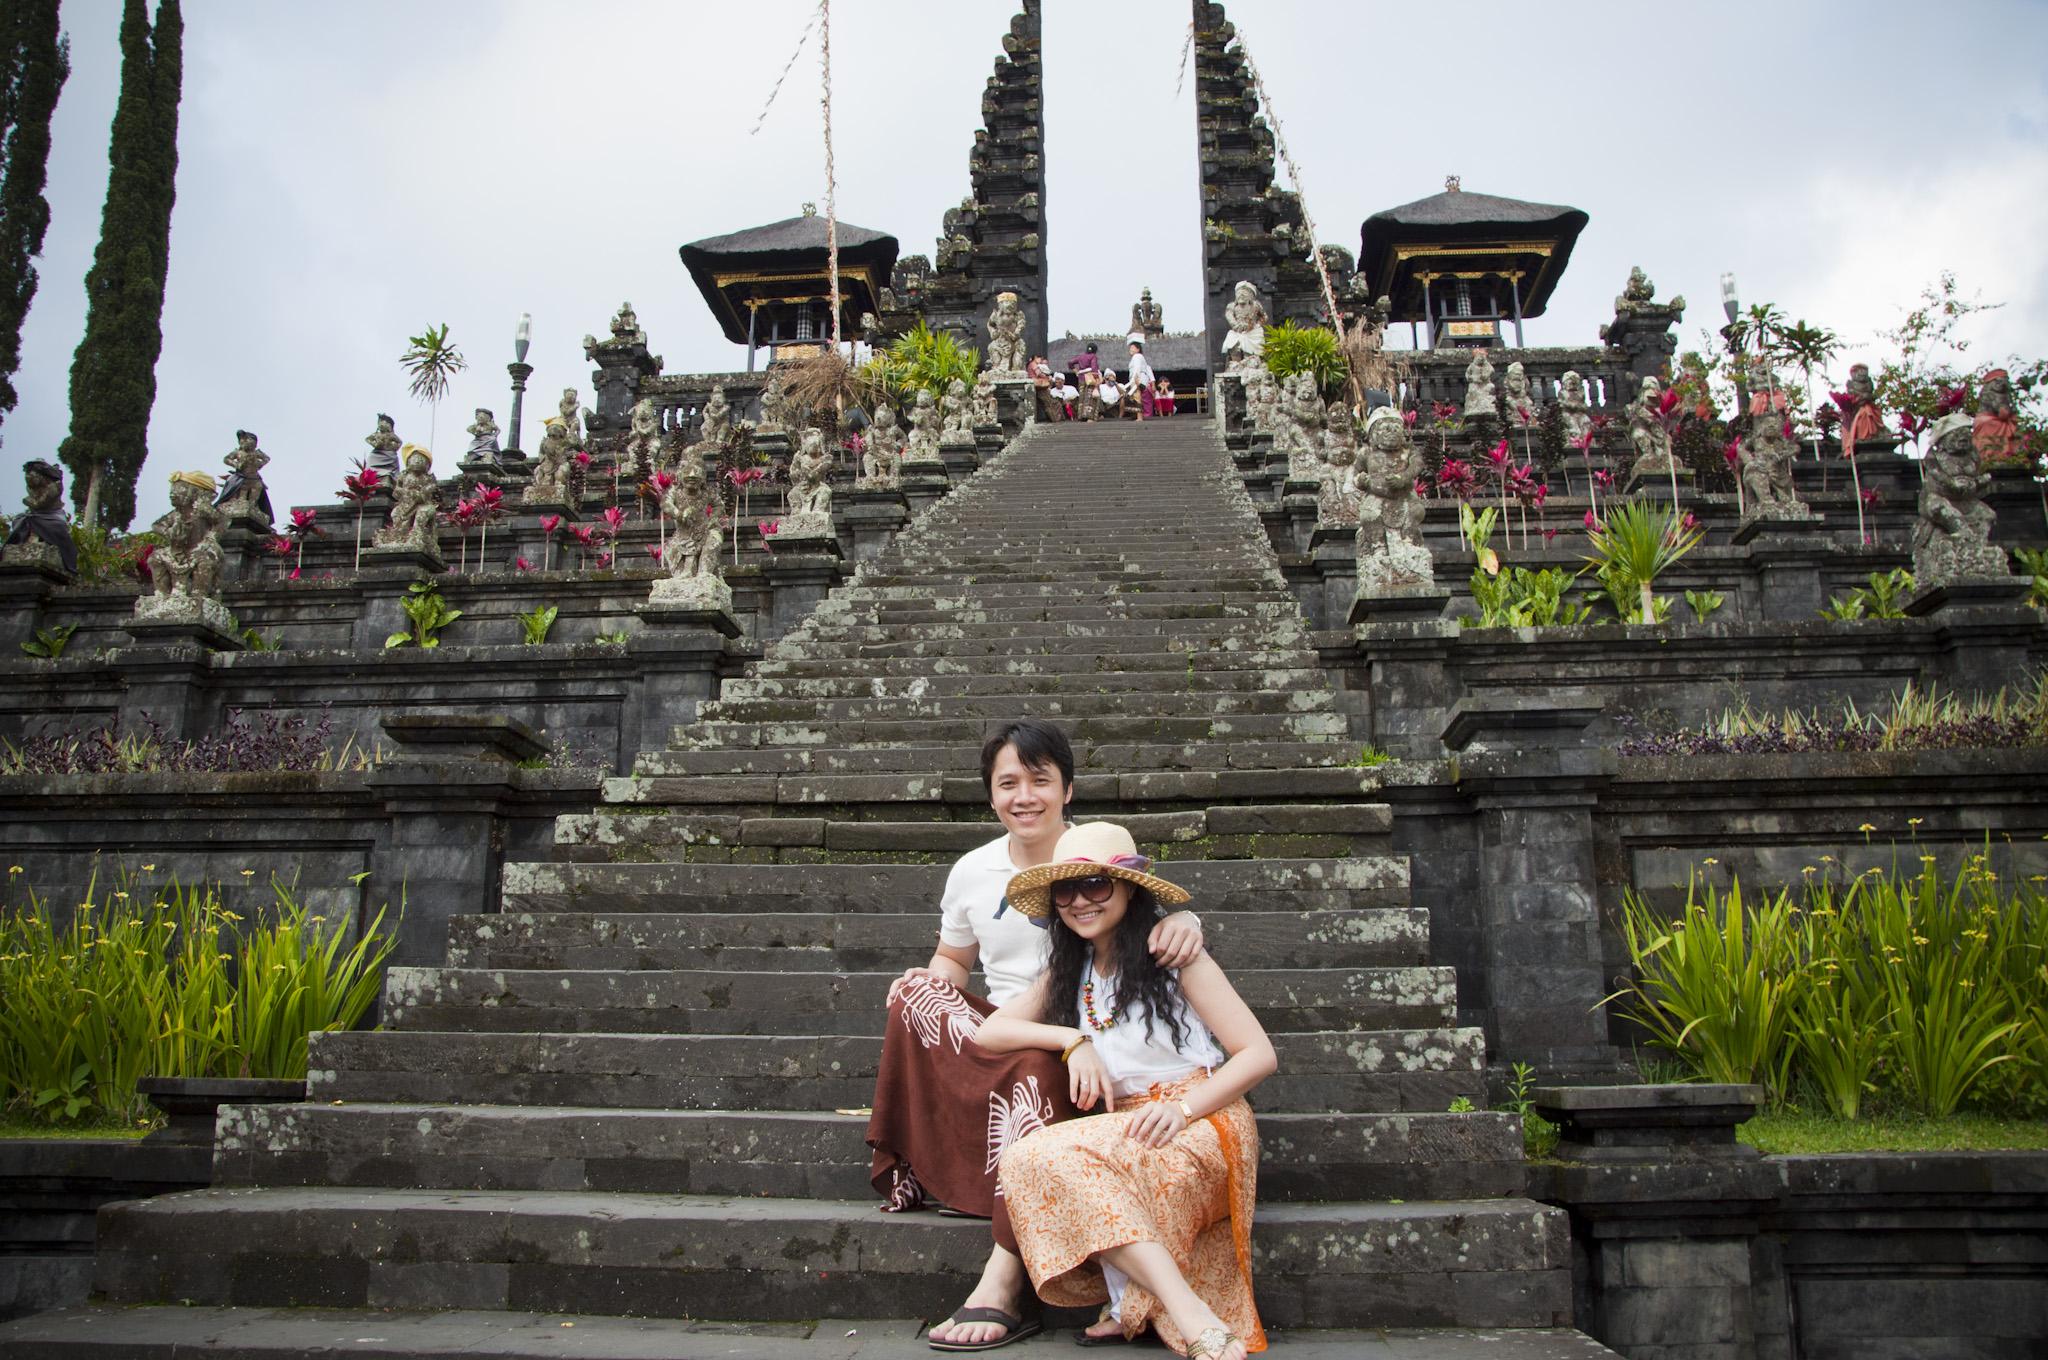 Bali Nov '11 no.119